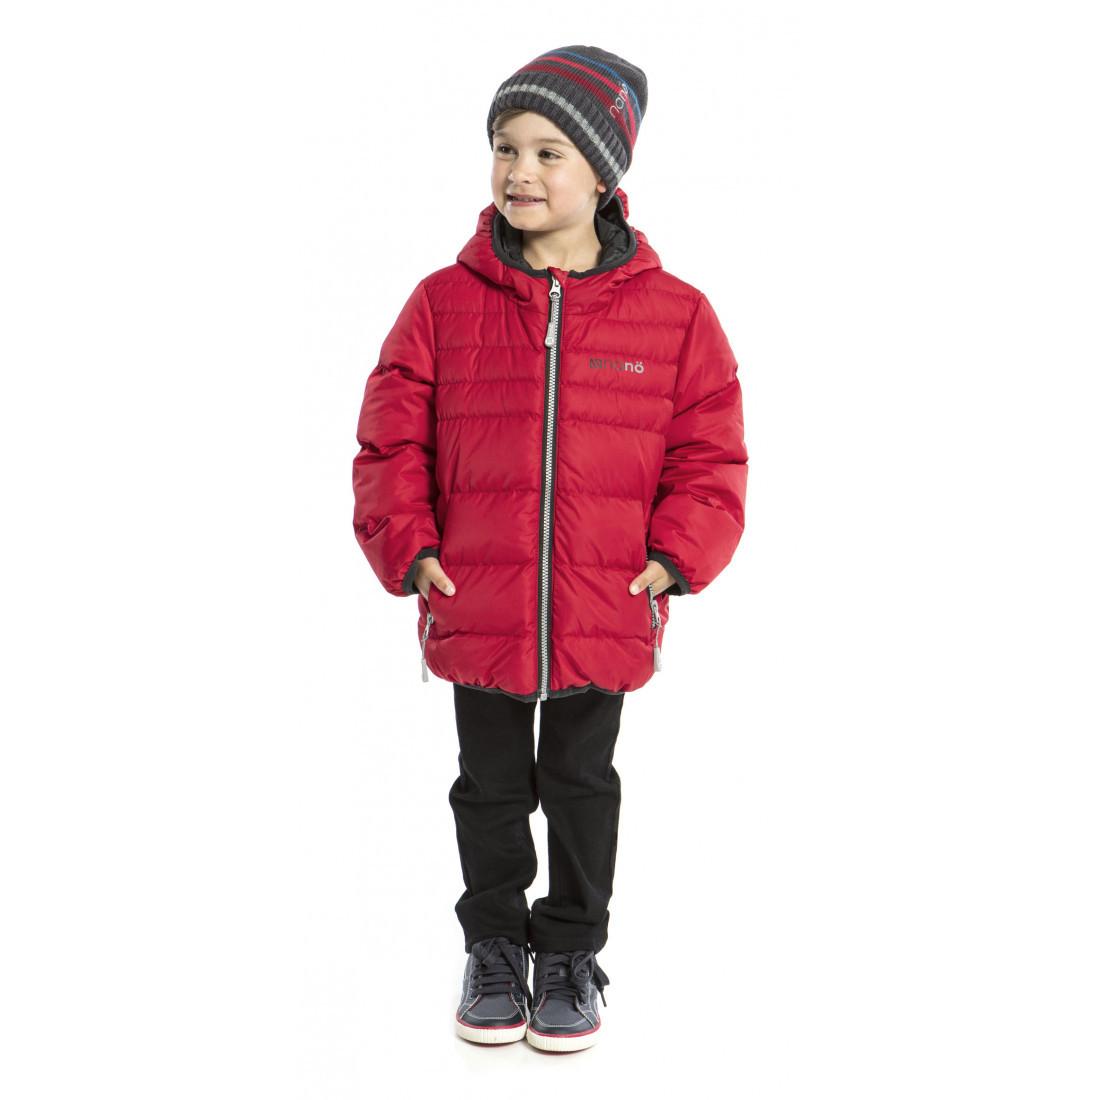 Стеганная демисезонная куртка для мальчика Nano F17M1251 Salsa Red